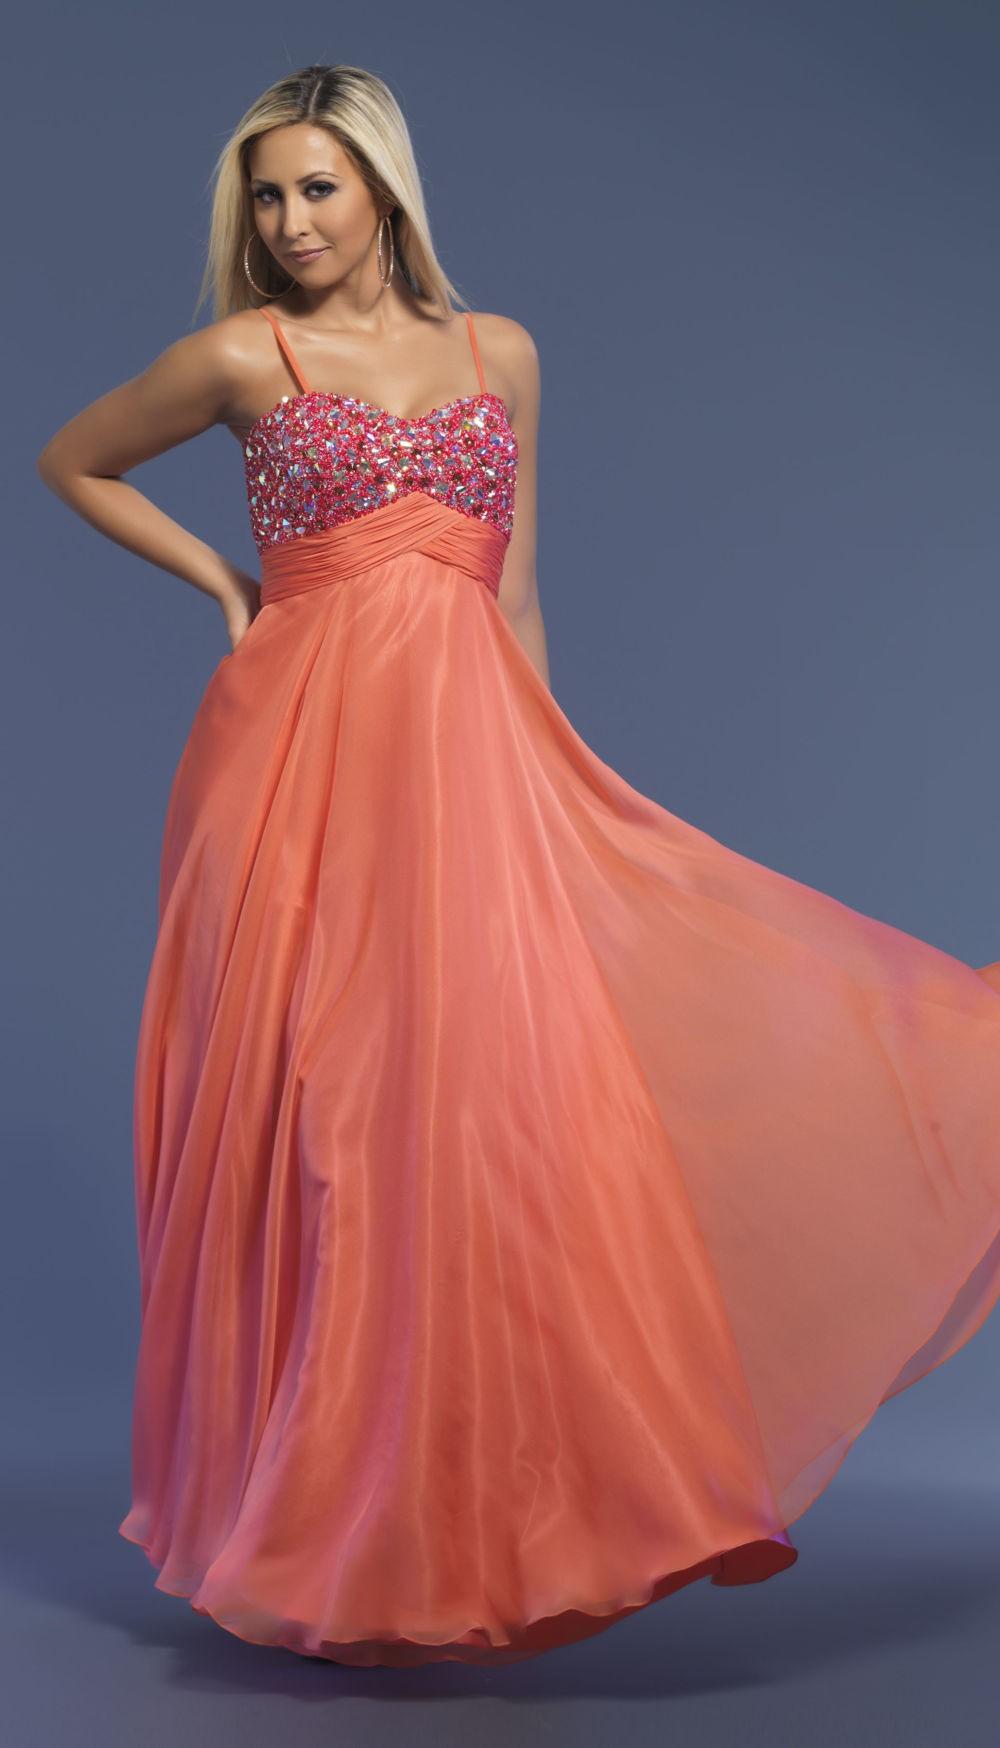 Коралловое платье с чем носить:платье на лямках юбка шифон